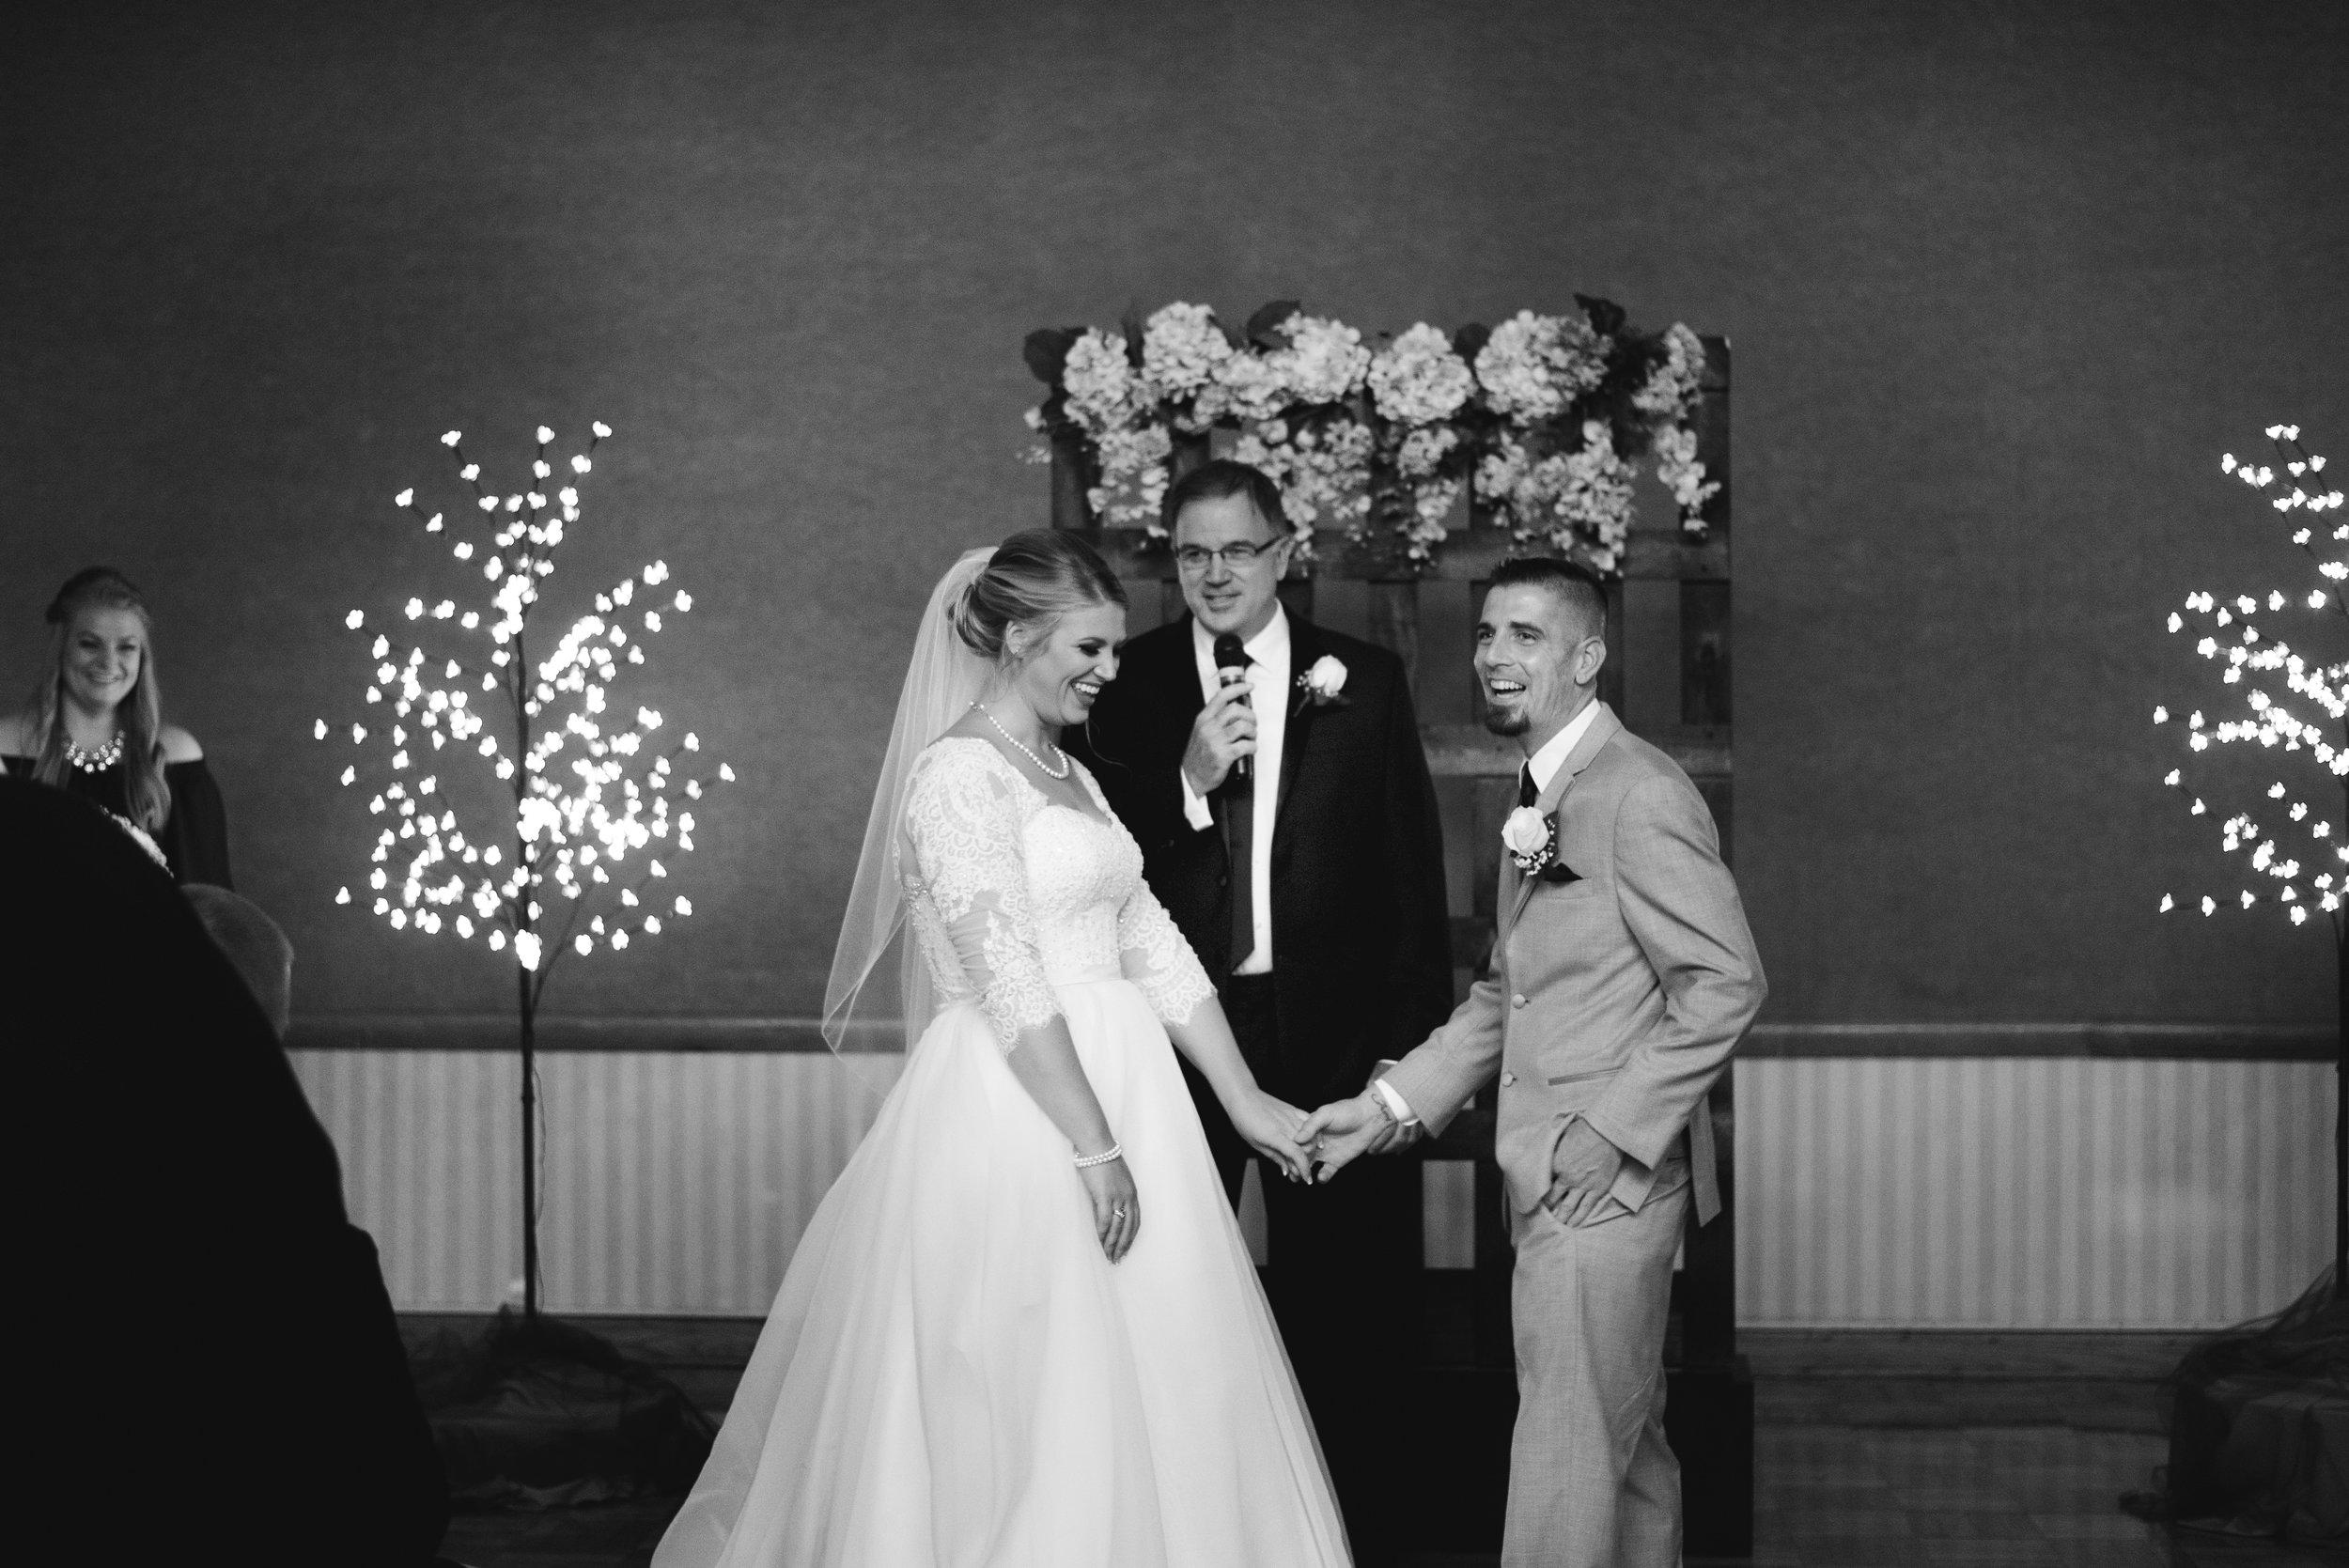 King-Northern-Illinois-University-Wedding065.jpg